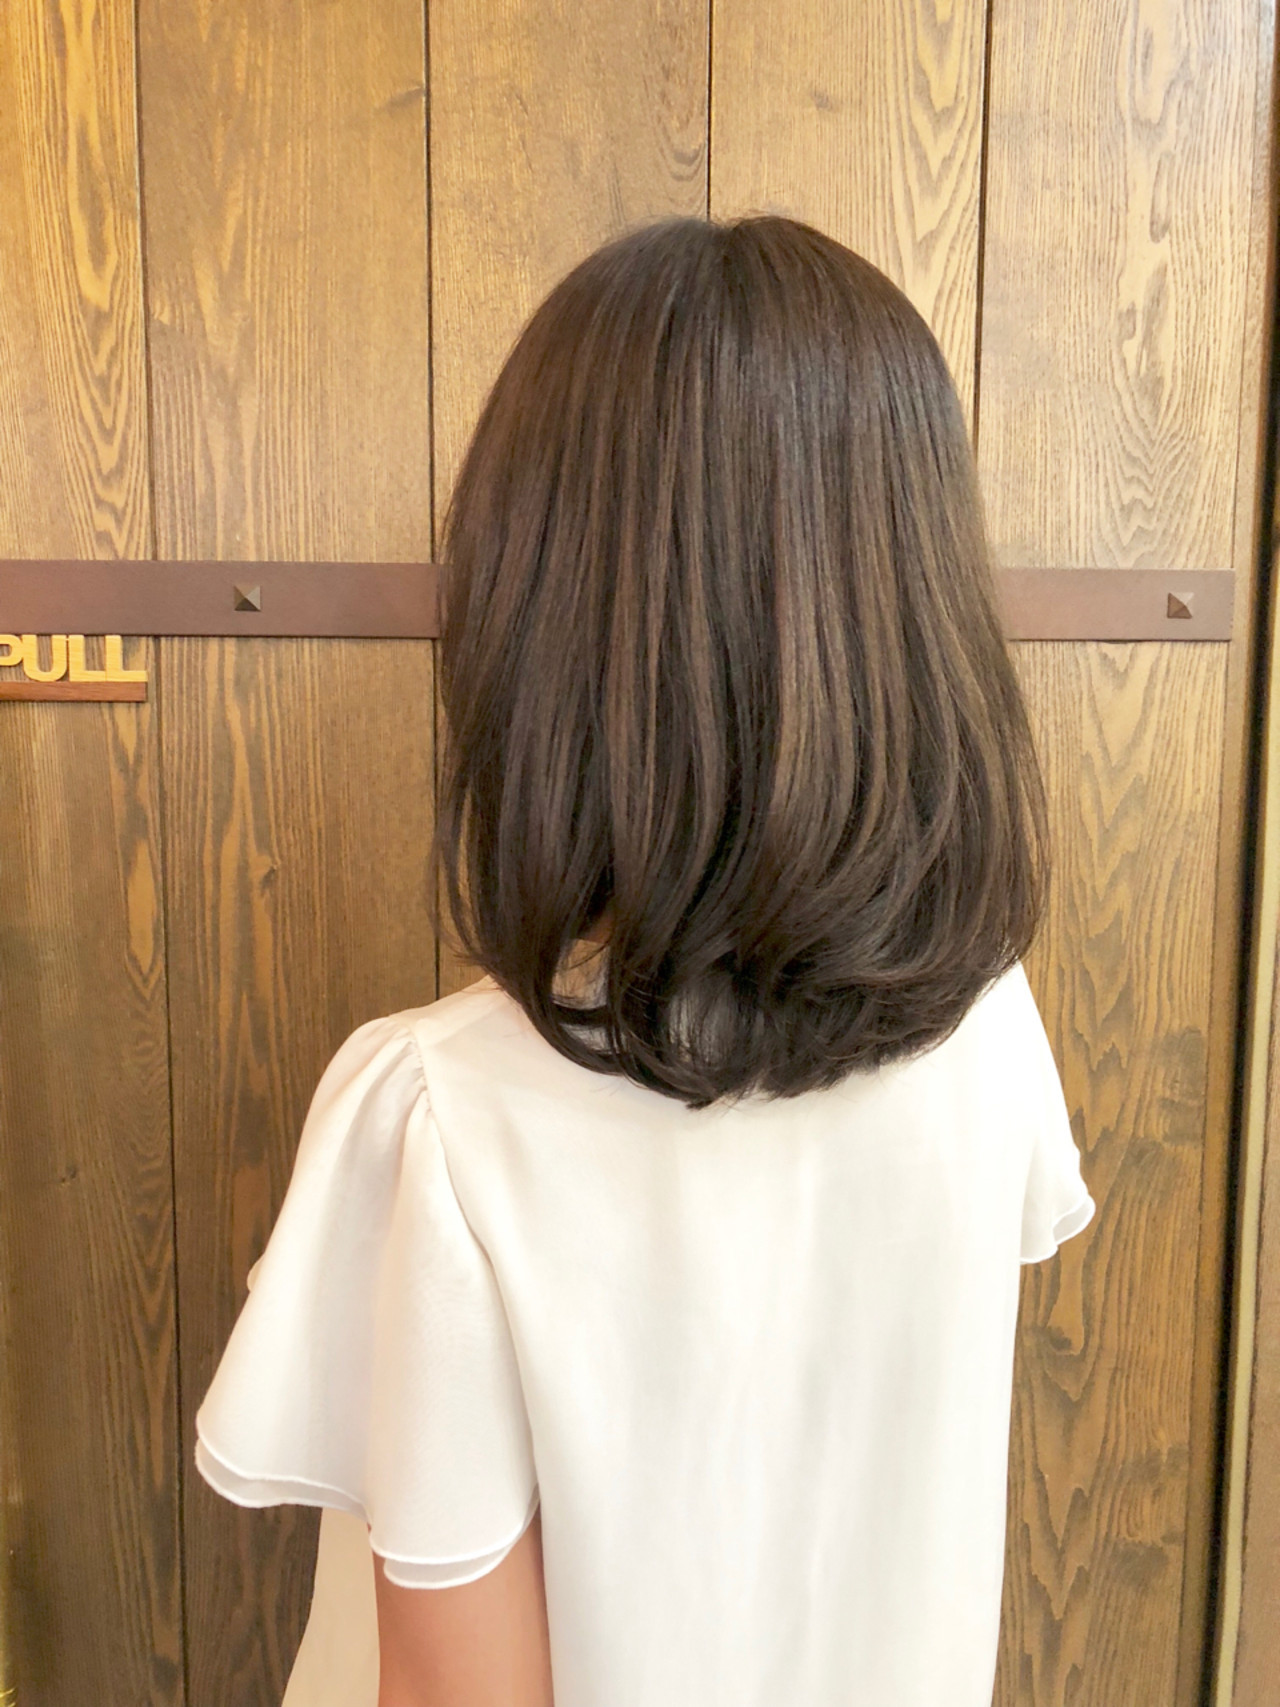 アッシュ アッシュグレー ミディアム 大人女子 ヘアスタイルや髪型の写真・画像